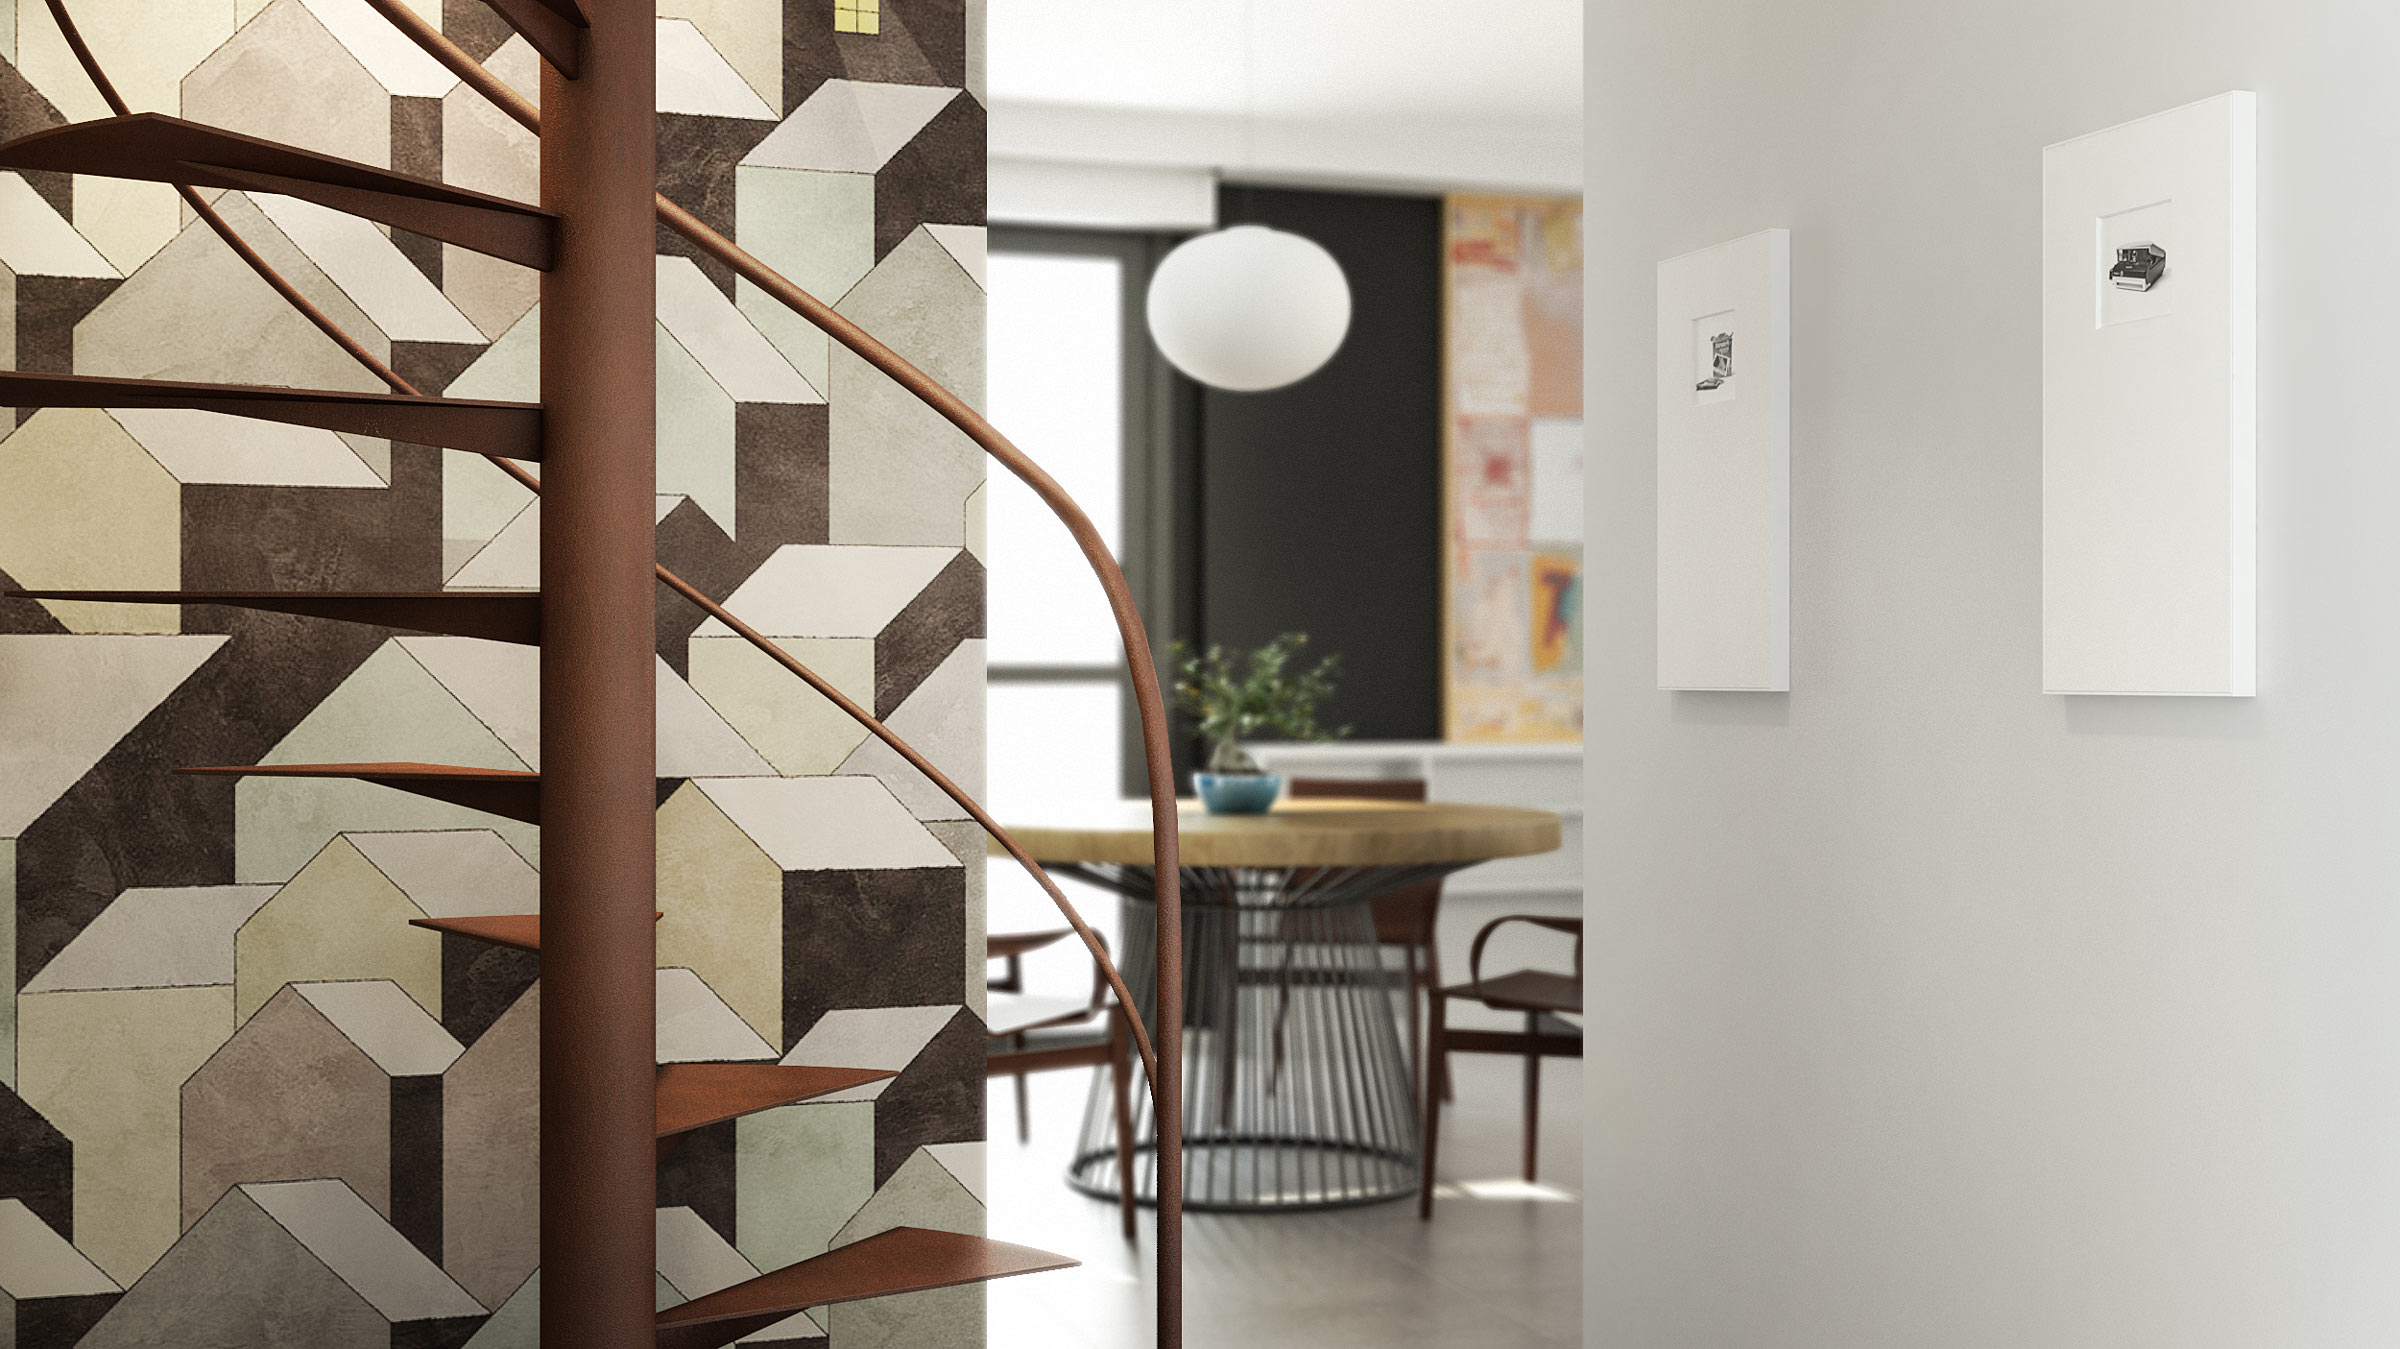 render-abitazione-scala-chiocciola-corten-carta-parati-spiral-staircase